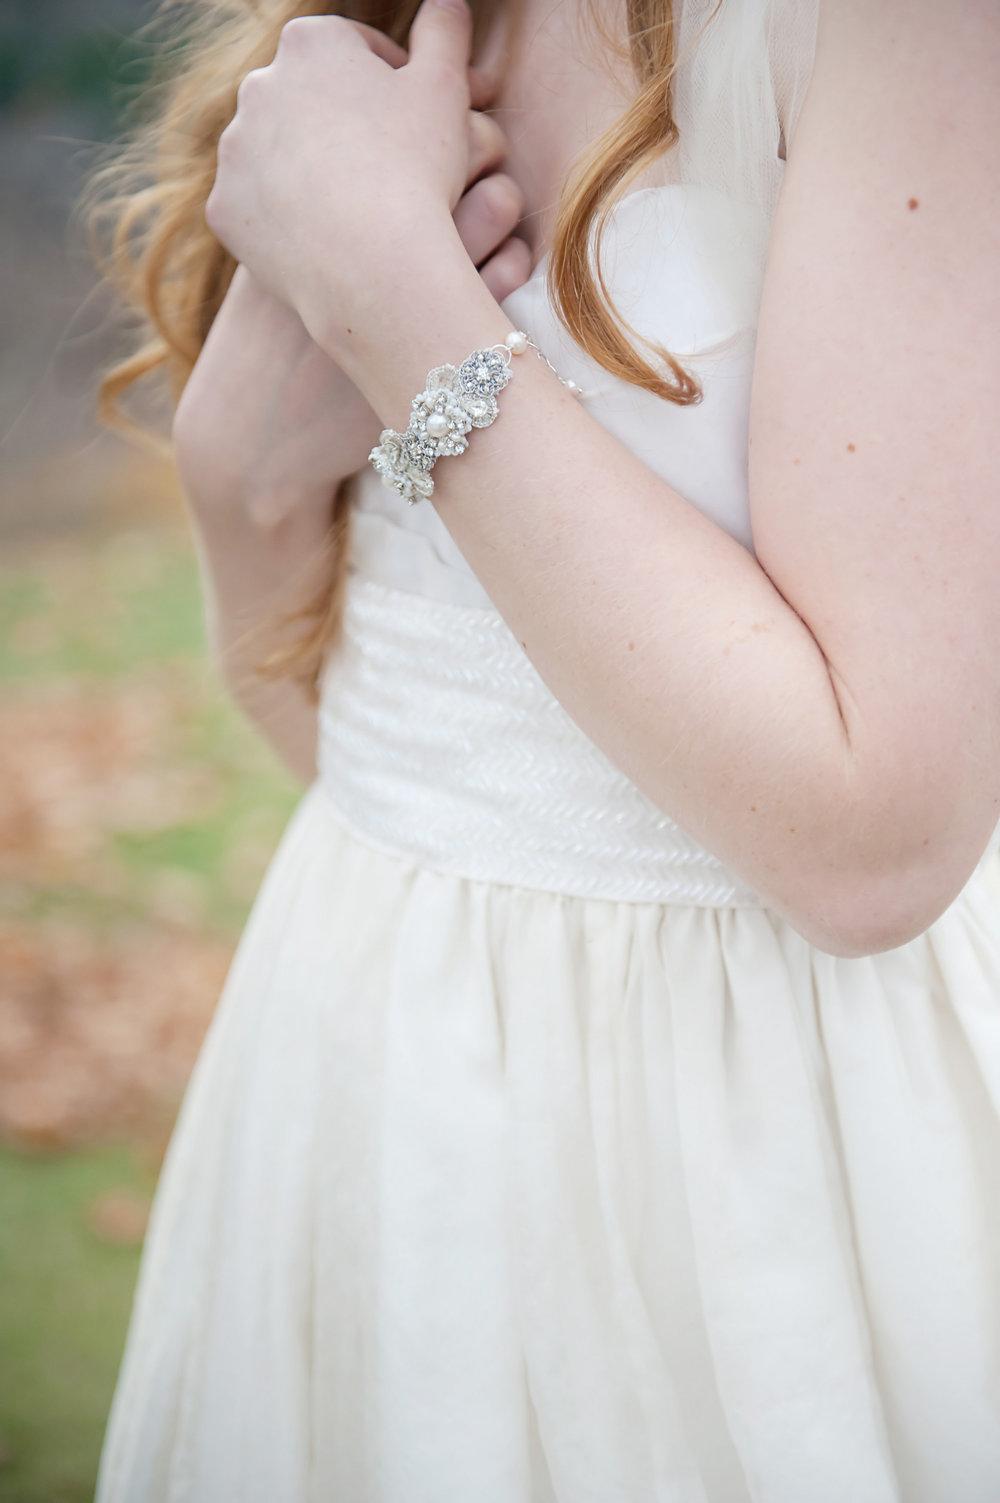 Sonnet Bracelet